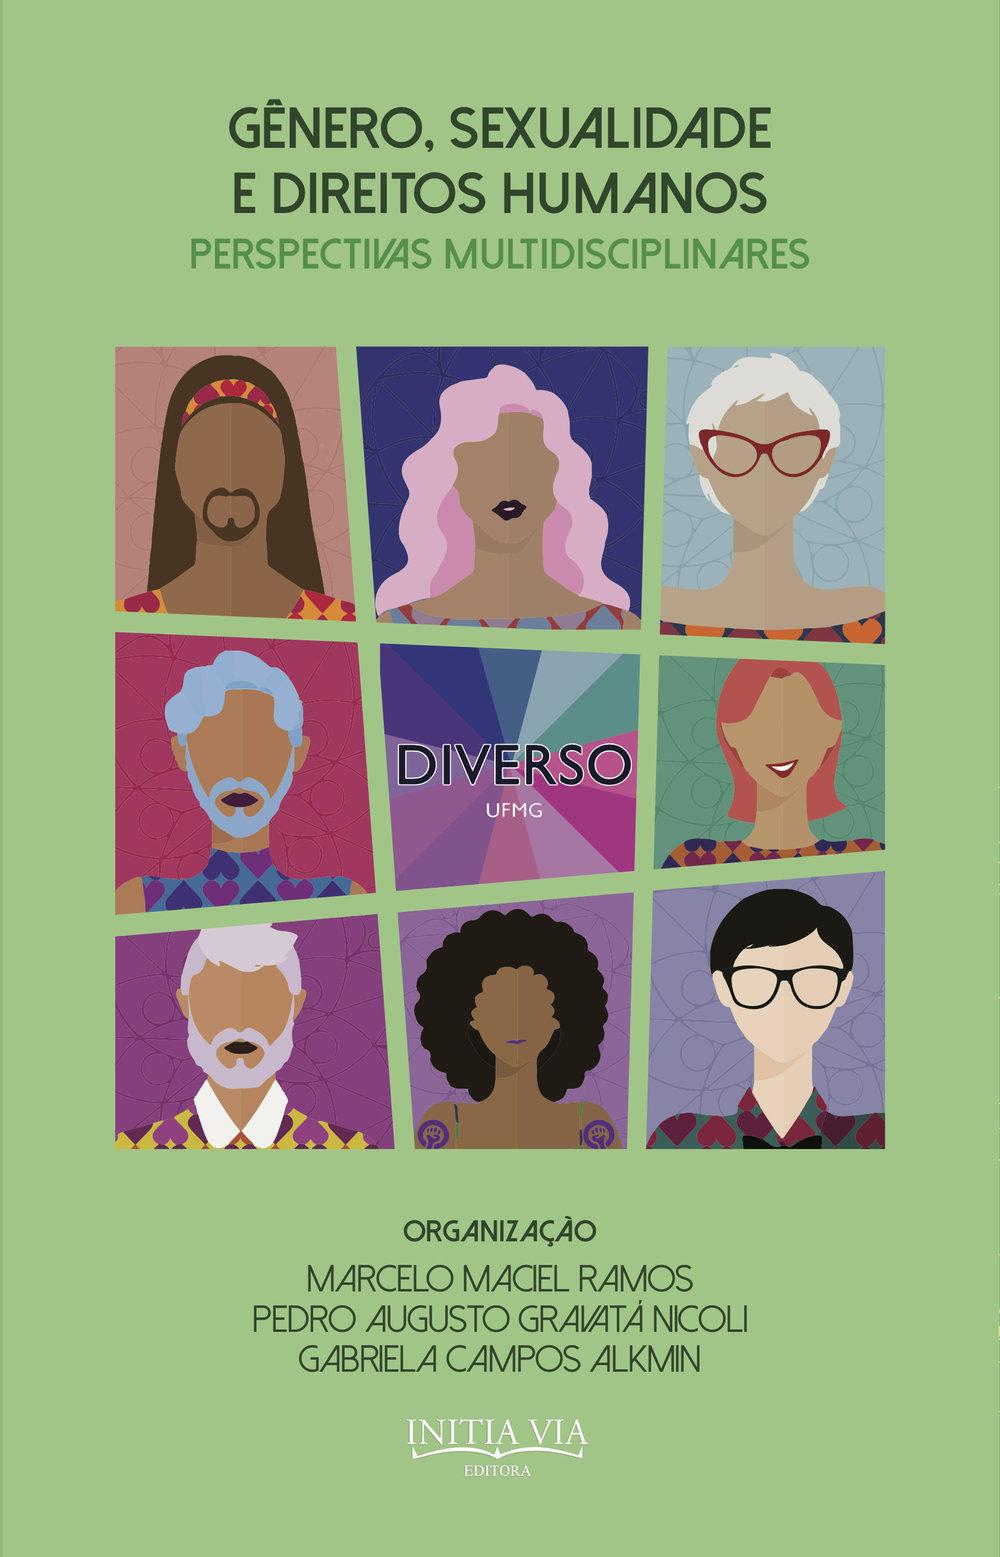 Capa Livro Conferências Diverso UFMG_frente.jpg